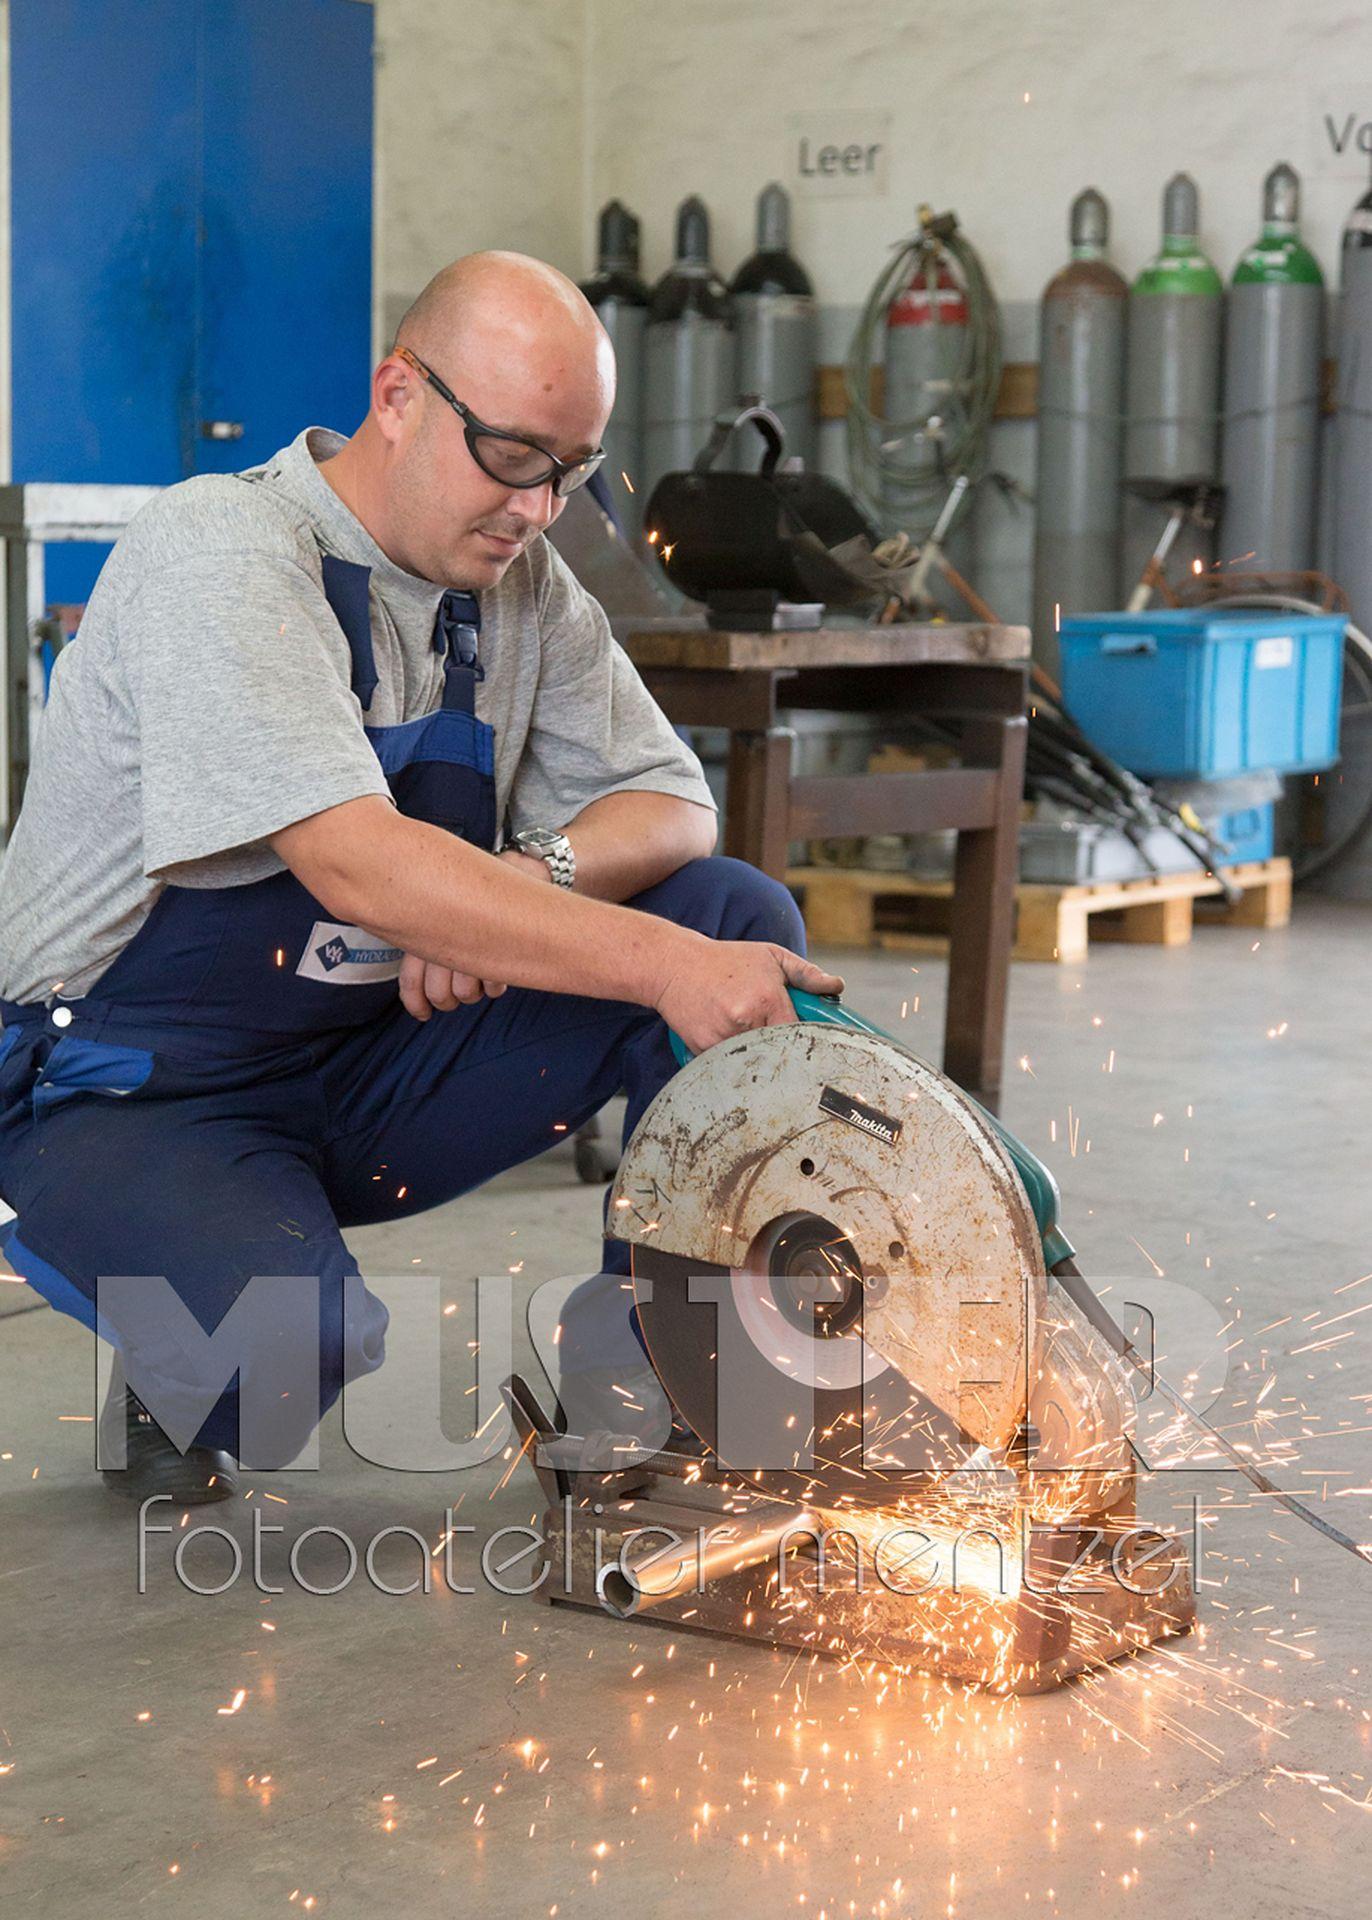 Ein Mitarbeiter trennt ein Stück von einem Rohr